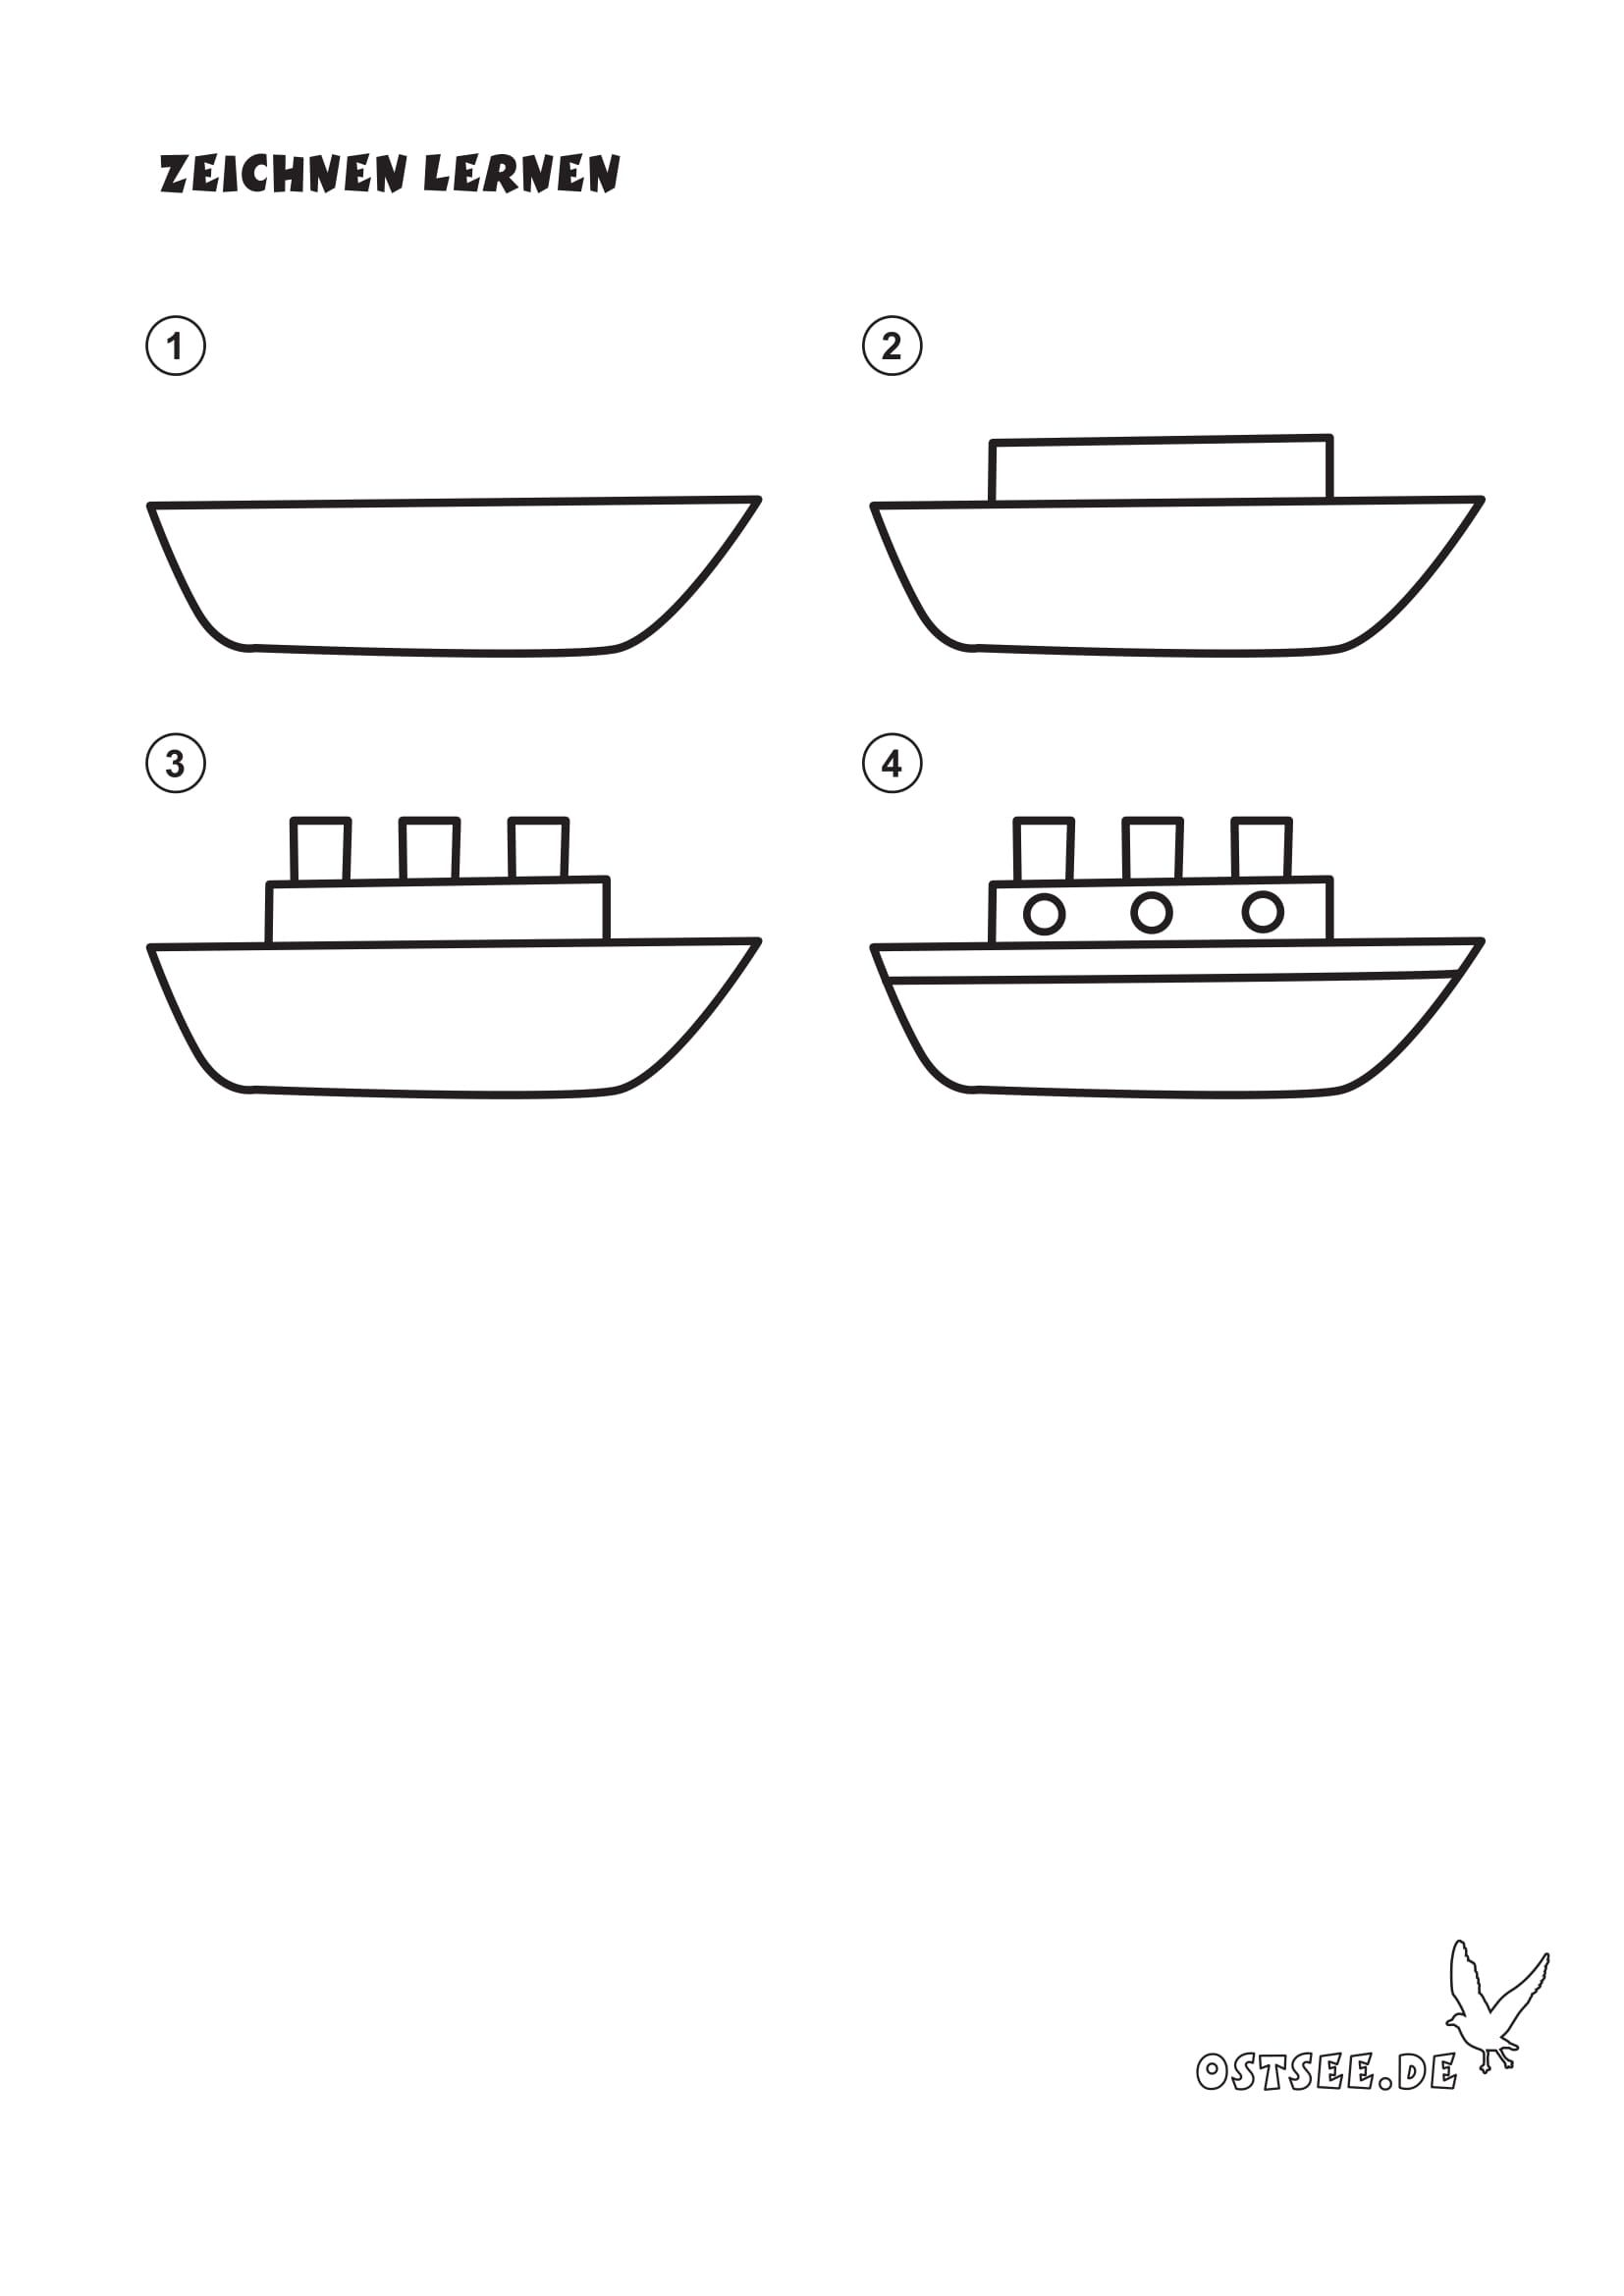 Nachzeichnen Schiff Schiff Kinder Basteln Und Malen Nachzeichnen